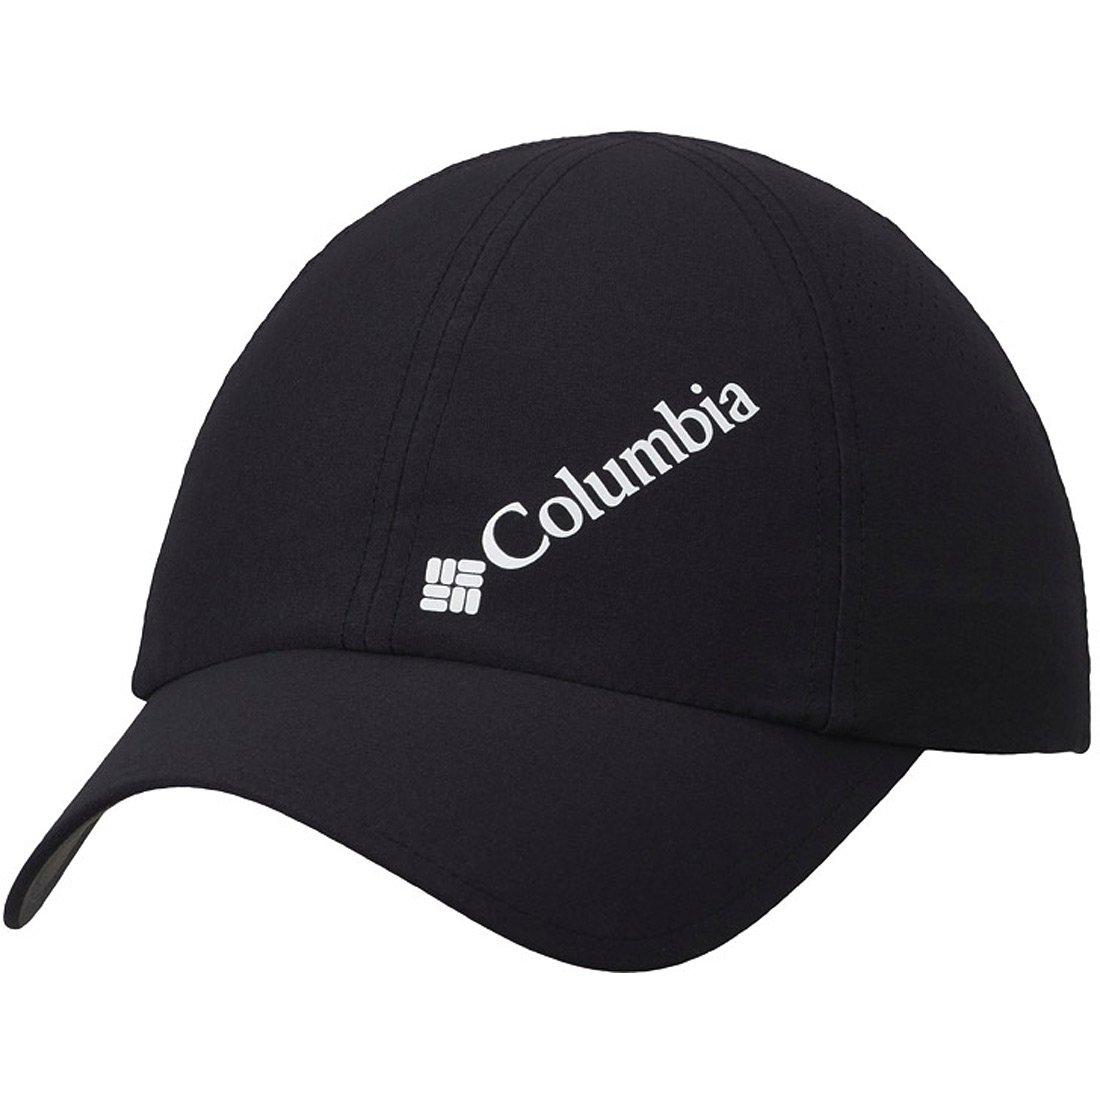 כובע מצחייה - Silver Ridge III Ball Cap - Columbia